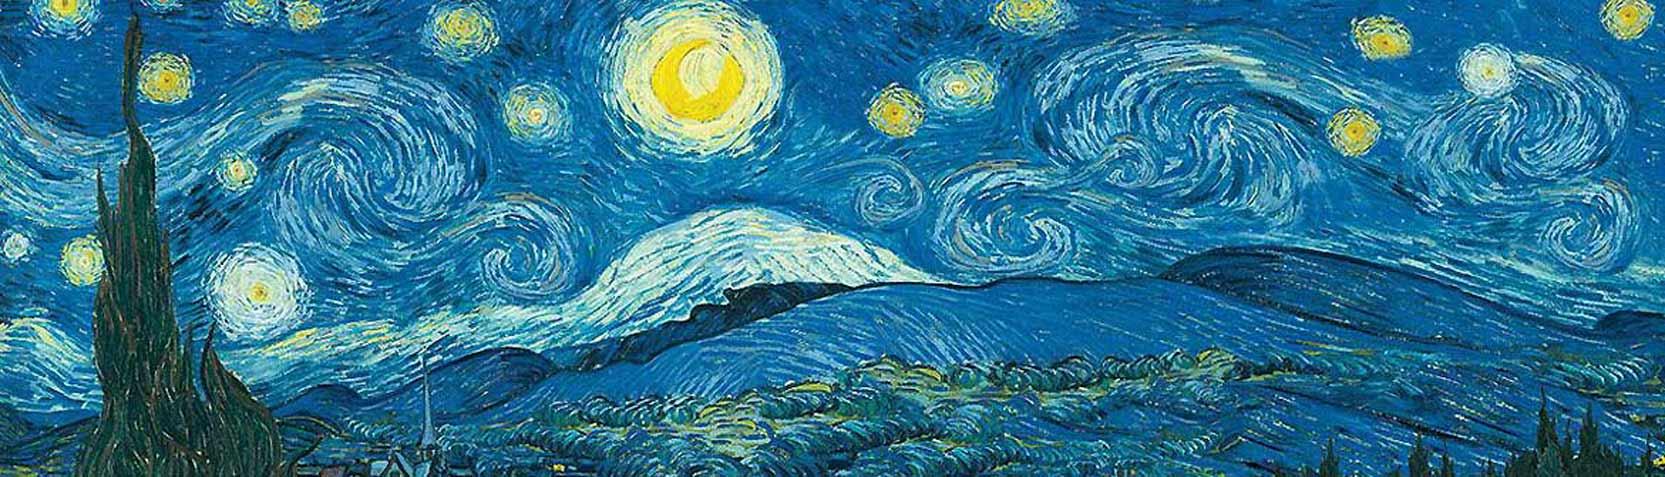 Konstnärer - Vincent van Gogh